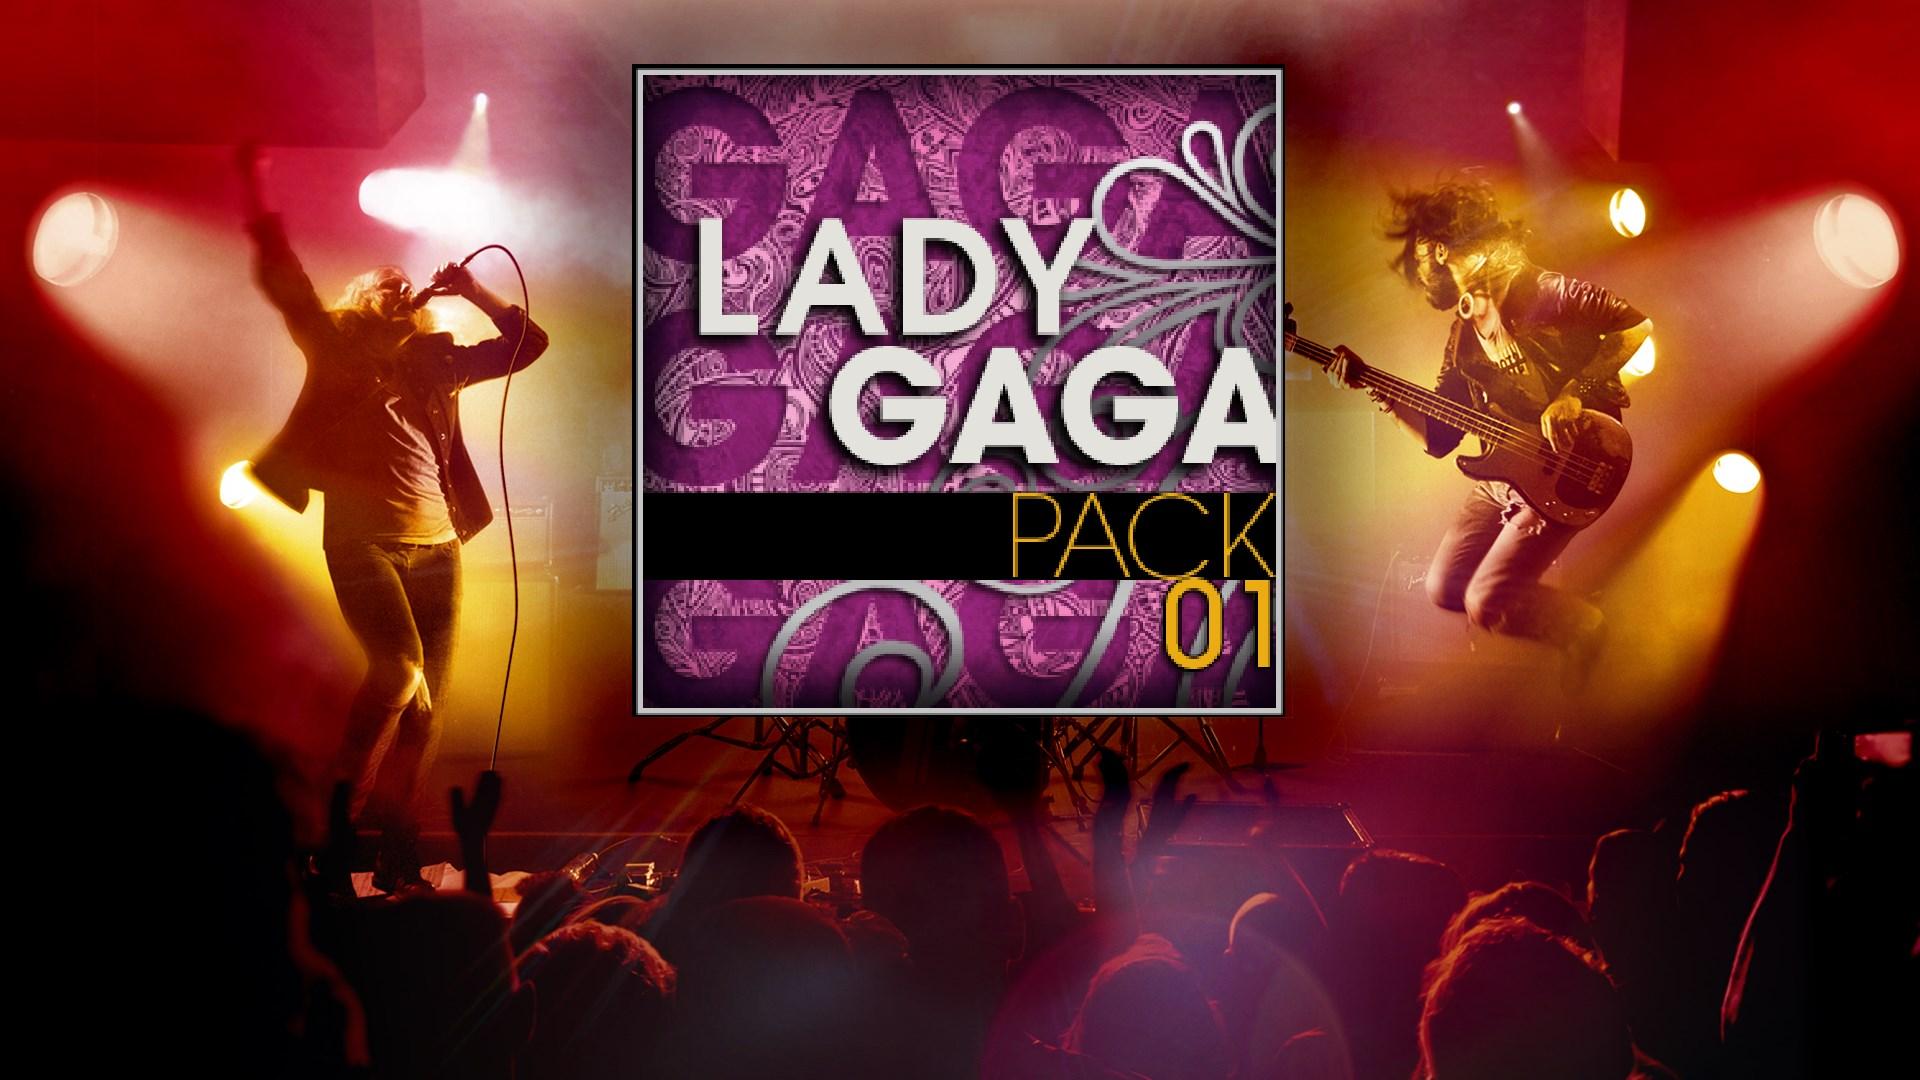 Lady Gaga Pack 01